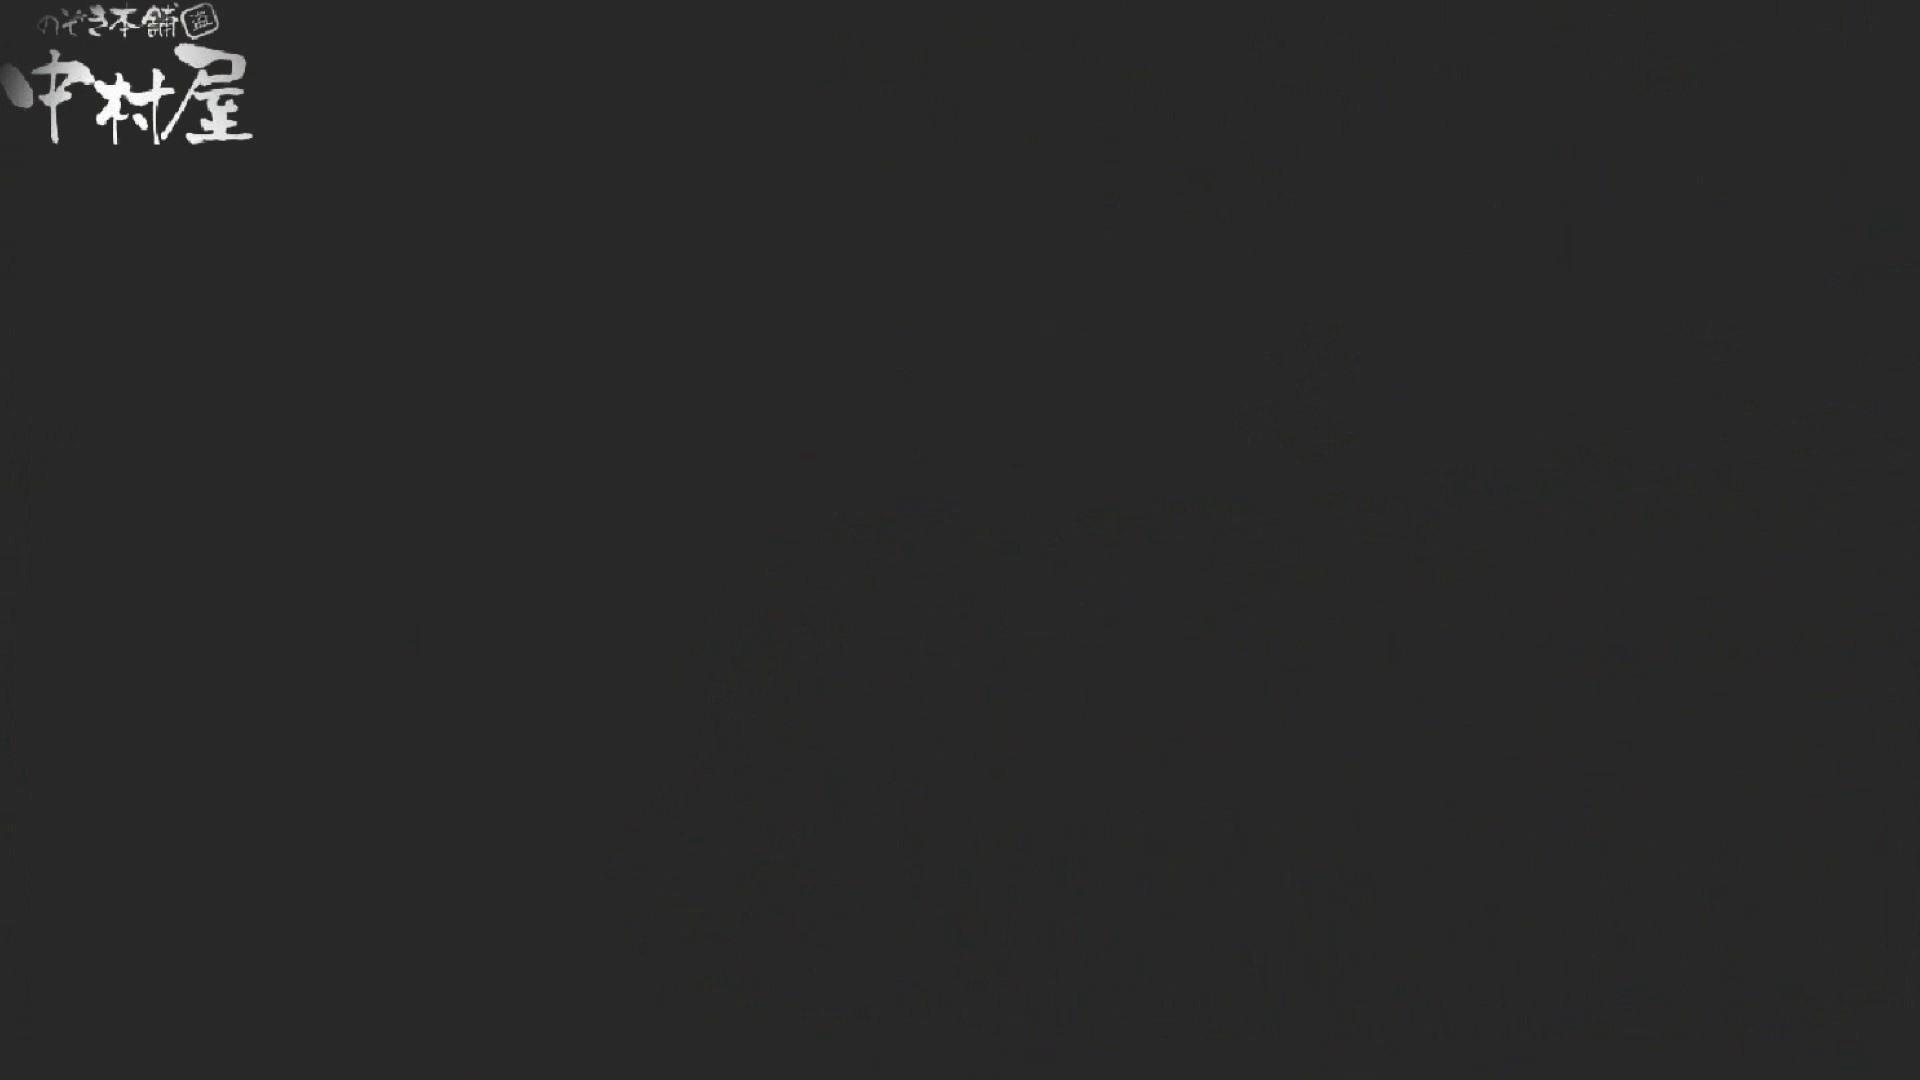 お漏らし寸前デパトイレ盗撮!Vol.12 女子トイレ編 盗撮動画紹介 108PIX 34